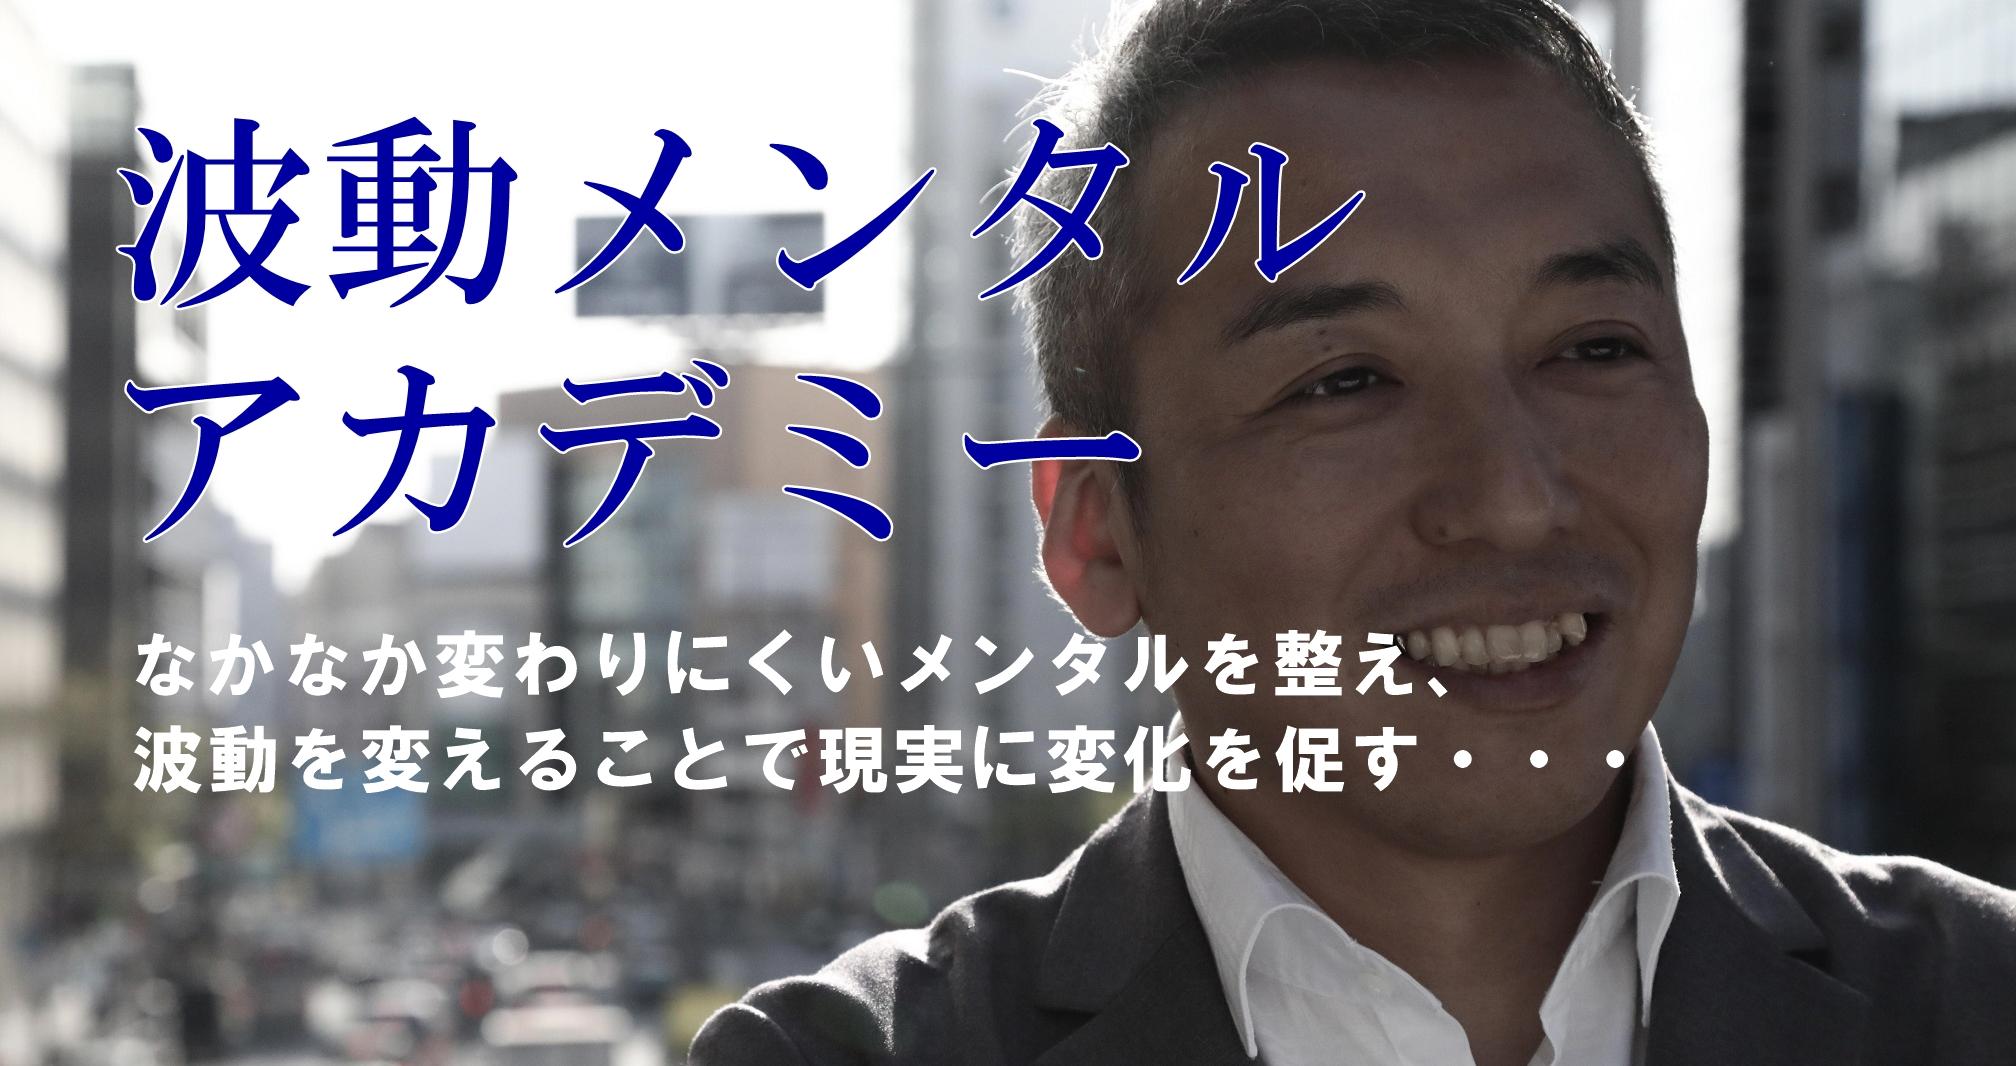 波動メンタルアカデミー